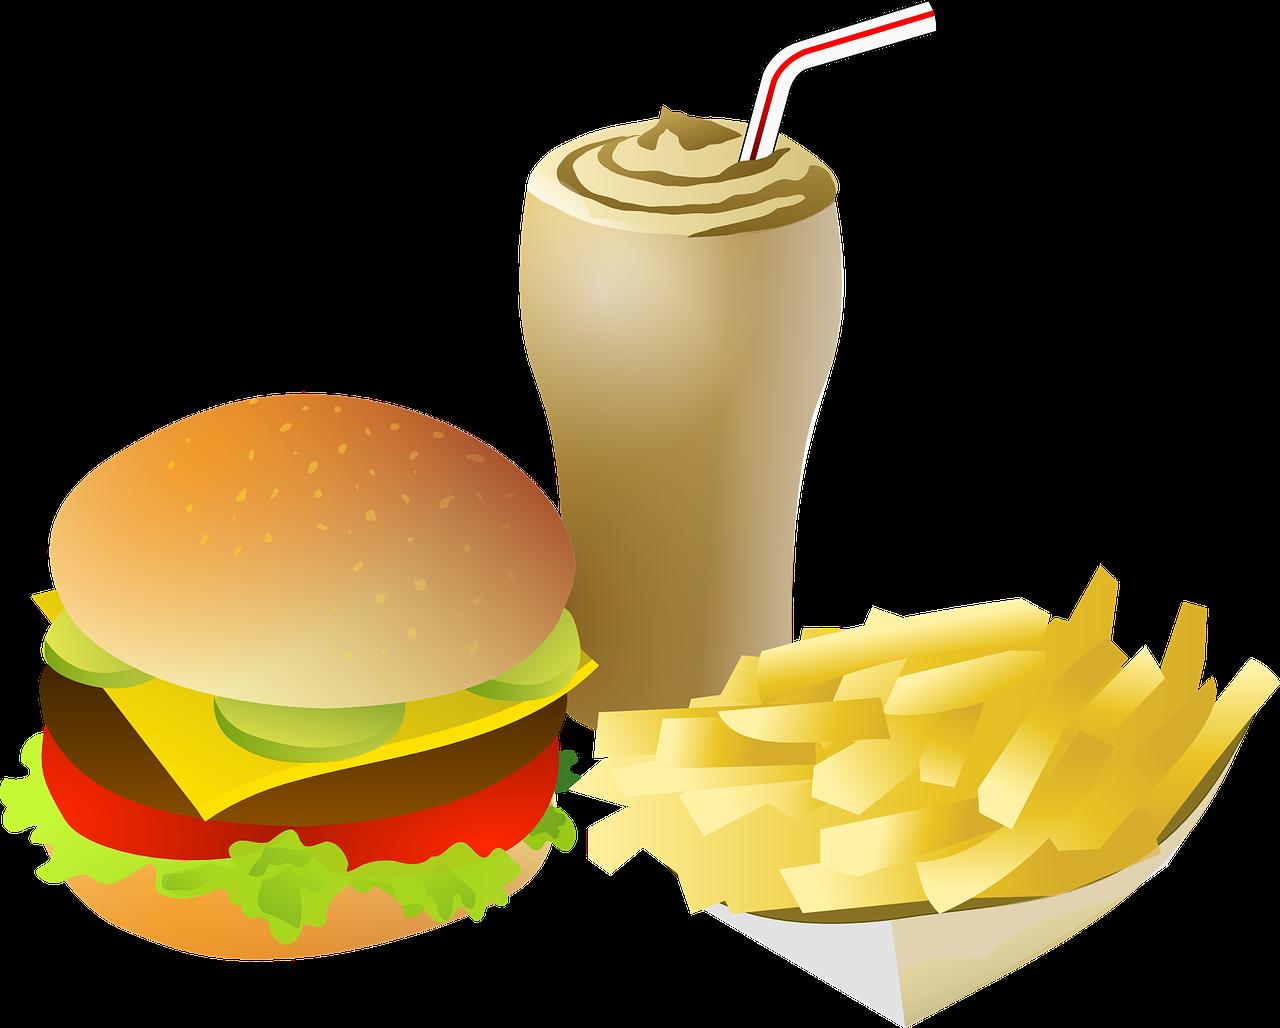 Hot dog chips soda clipart png royalty free download Hamburger And Fries Clipart at GetDrawings.com | Free for personal ... png royalty free download